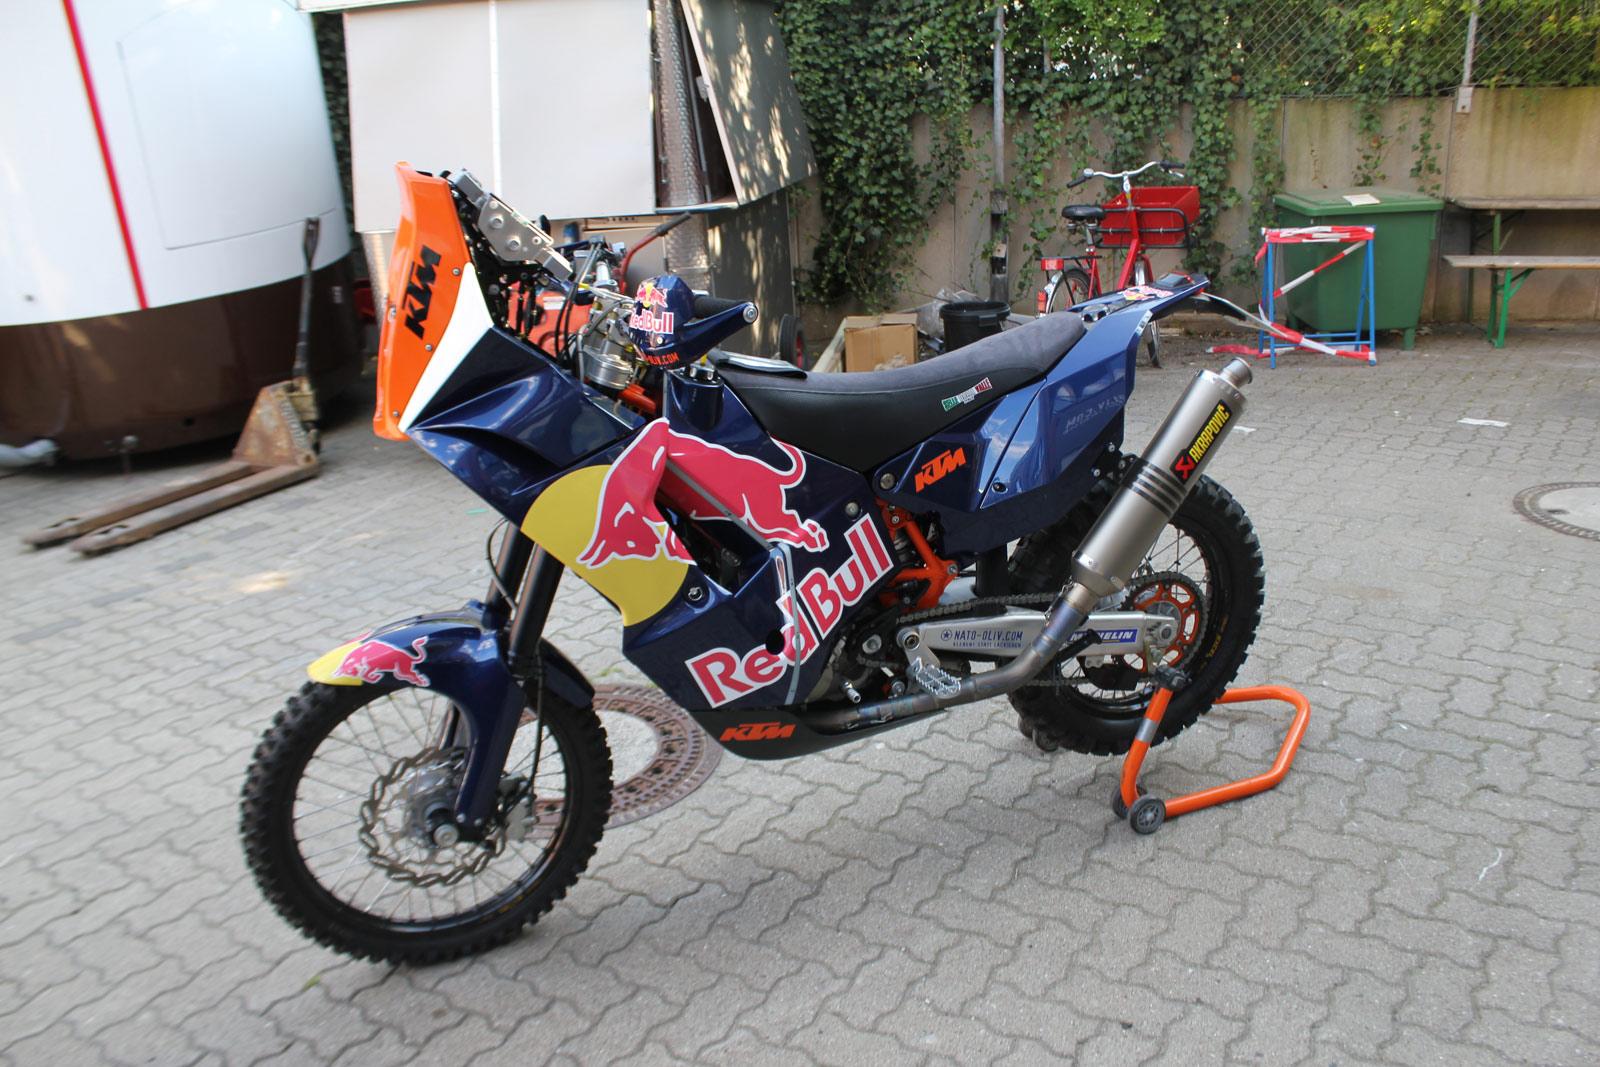 REDBULL_KTM_MOTORRAD_FOLIERUNG_14